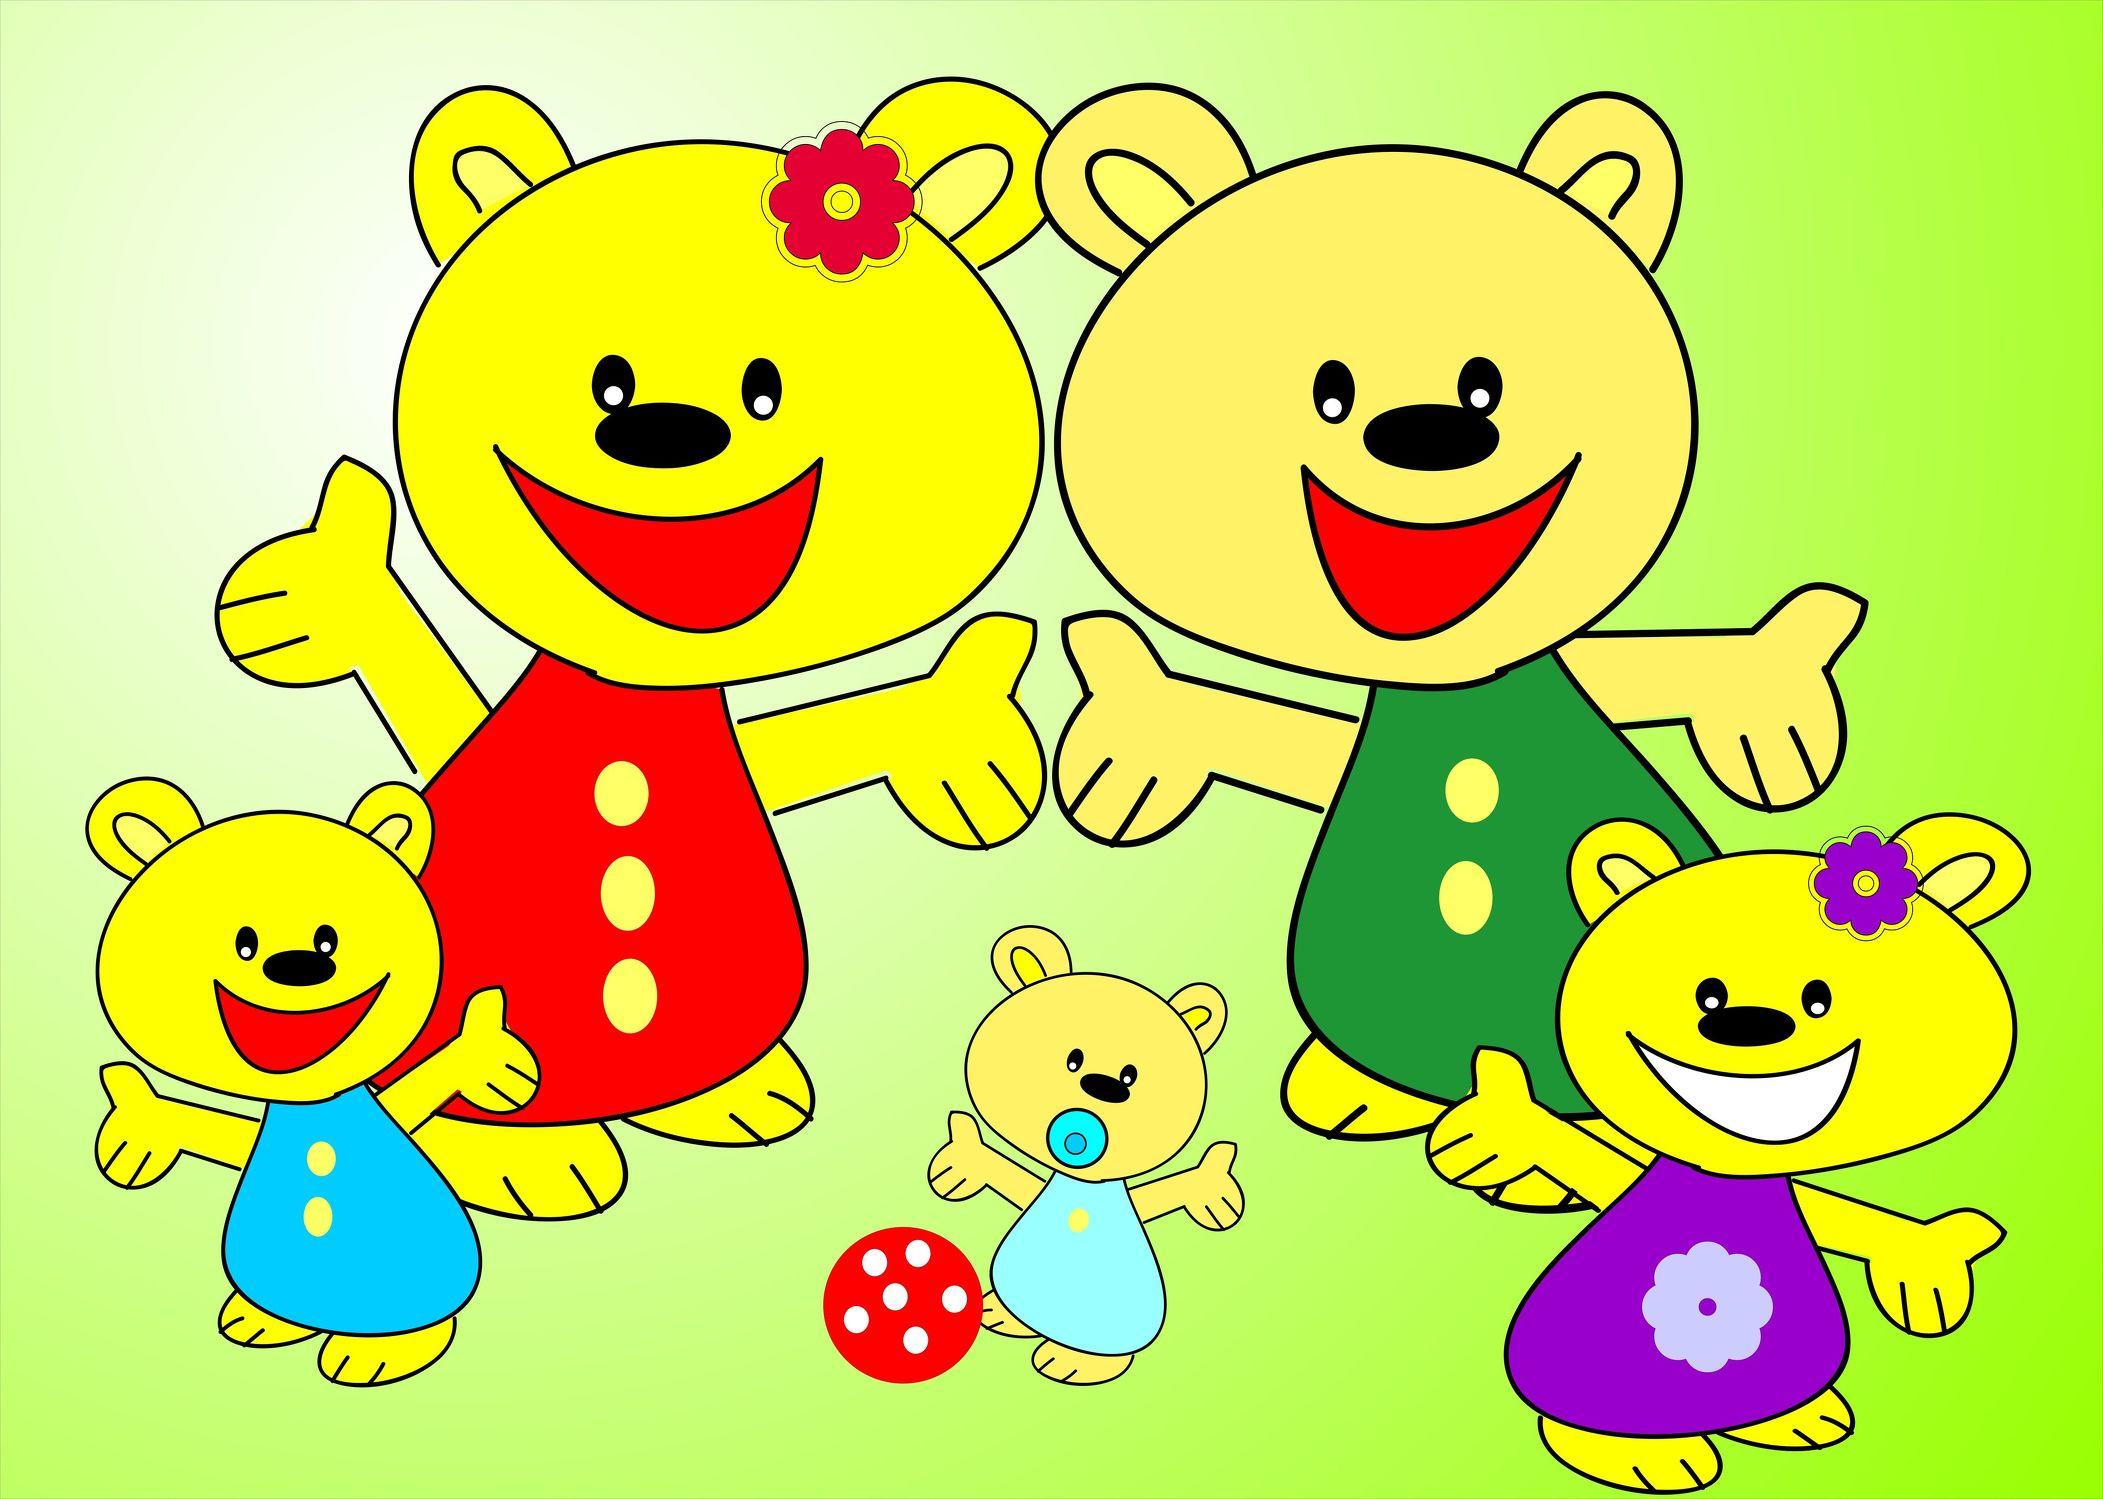 Bild mit Farben, Gelb, Menschen, Aussehen, Glücklich, Lächeln, Zeichnung, Illustration, Kinderbild, Kinderbilder, Kinderzimmer, Kinderwelt, Bär